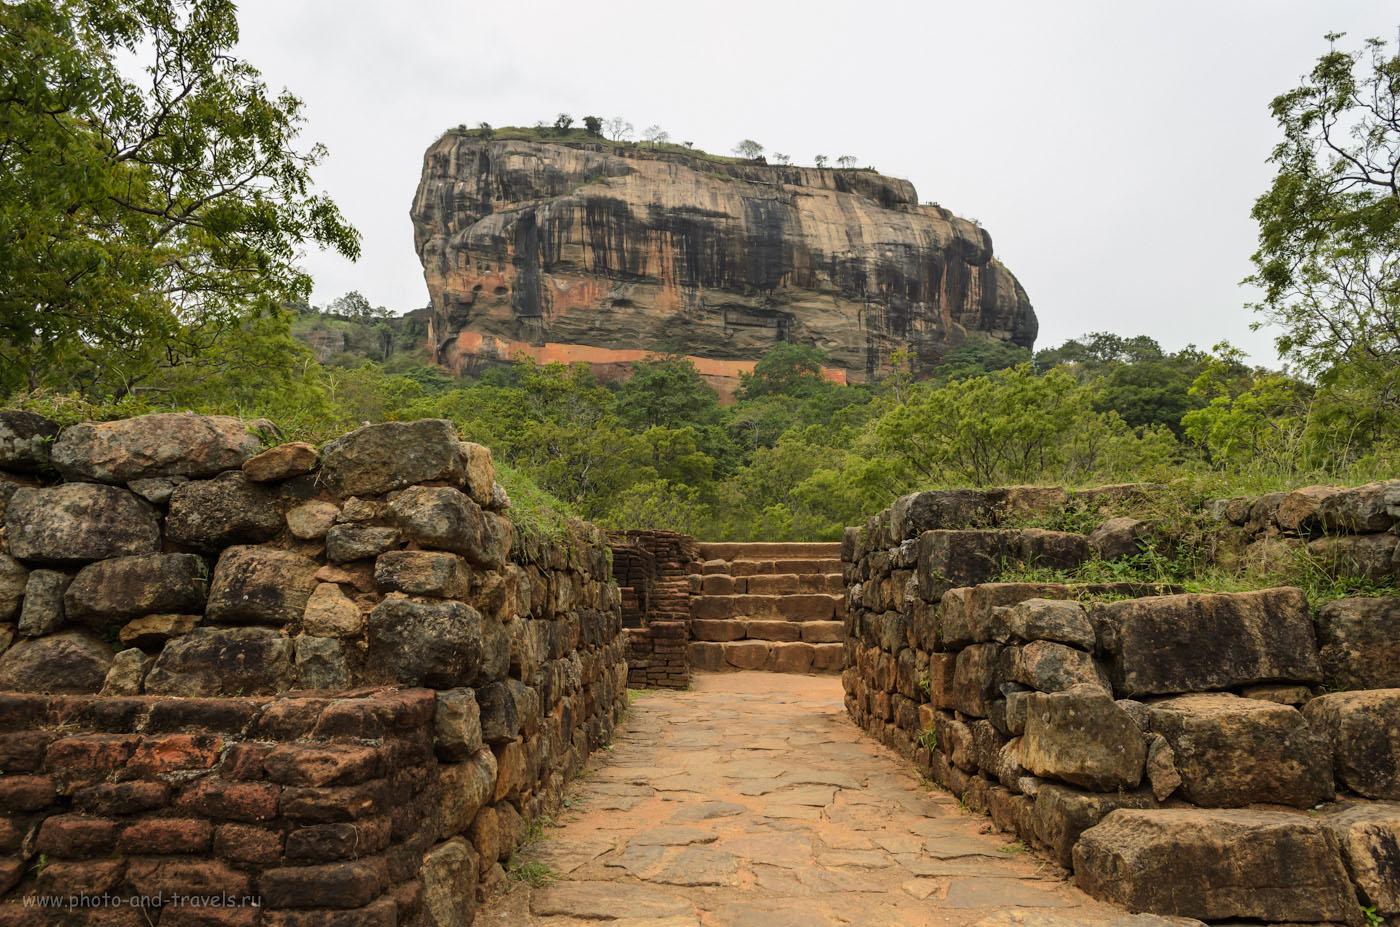 Фотография 6. Вид на скалу Сигирия (Sigiriya Citadel Rock), возвышающуюся на 100 метров над садами, каналами, водохранилищем и окрестными равнинами. Отзыв о поездке на экскурсию своим ходом. 1/500, 8.0, 400, 18.